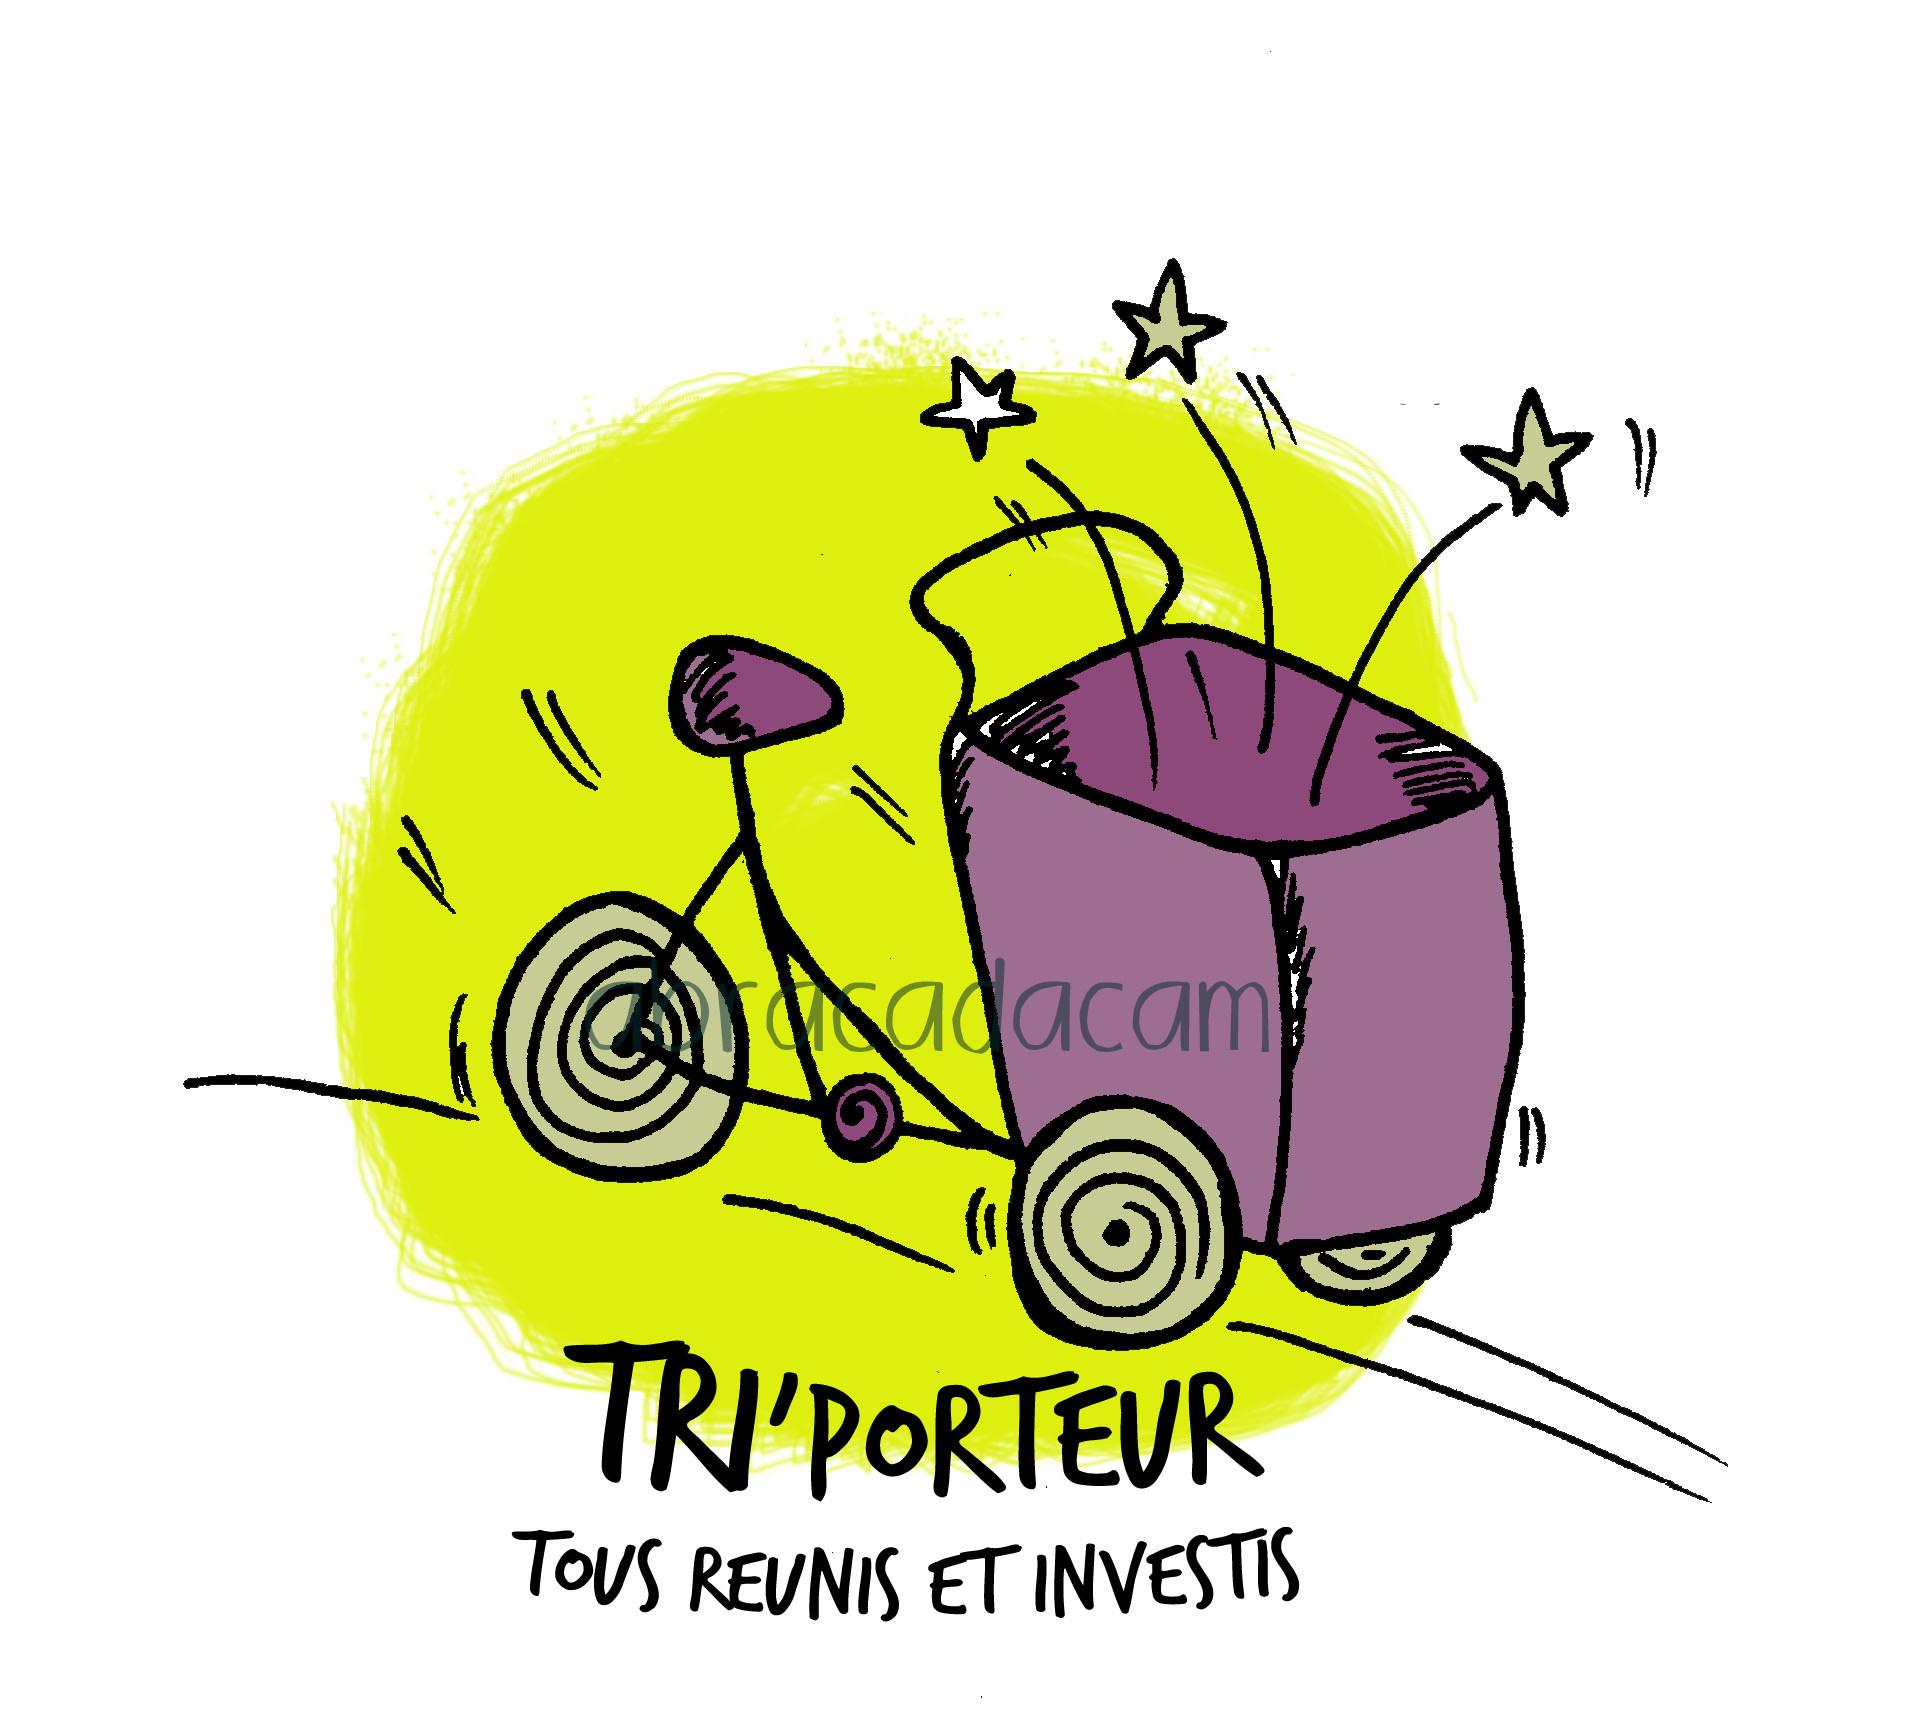 Logo-TRIporteur camille-piantanida